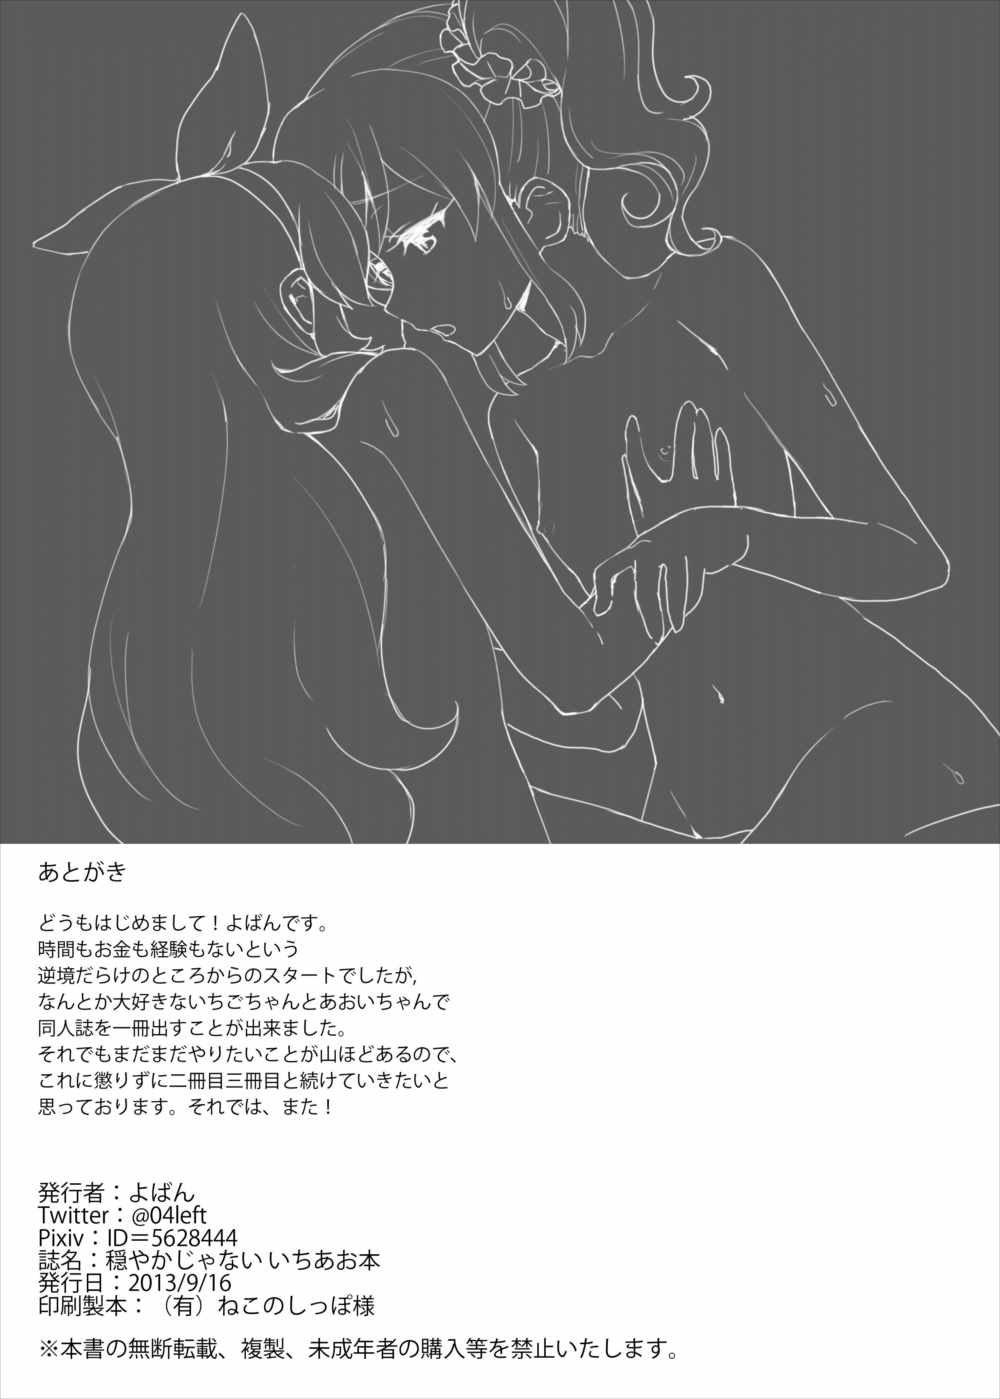 【エロ漫画】いちごちゃんとあおいちゃんがレズプレイでマ○コこすりあわせて絶頂!